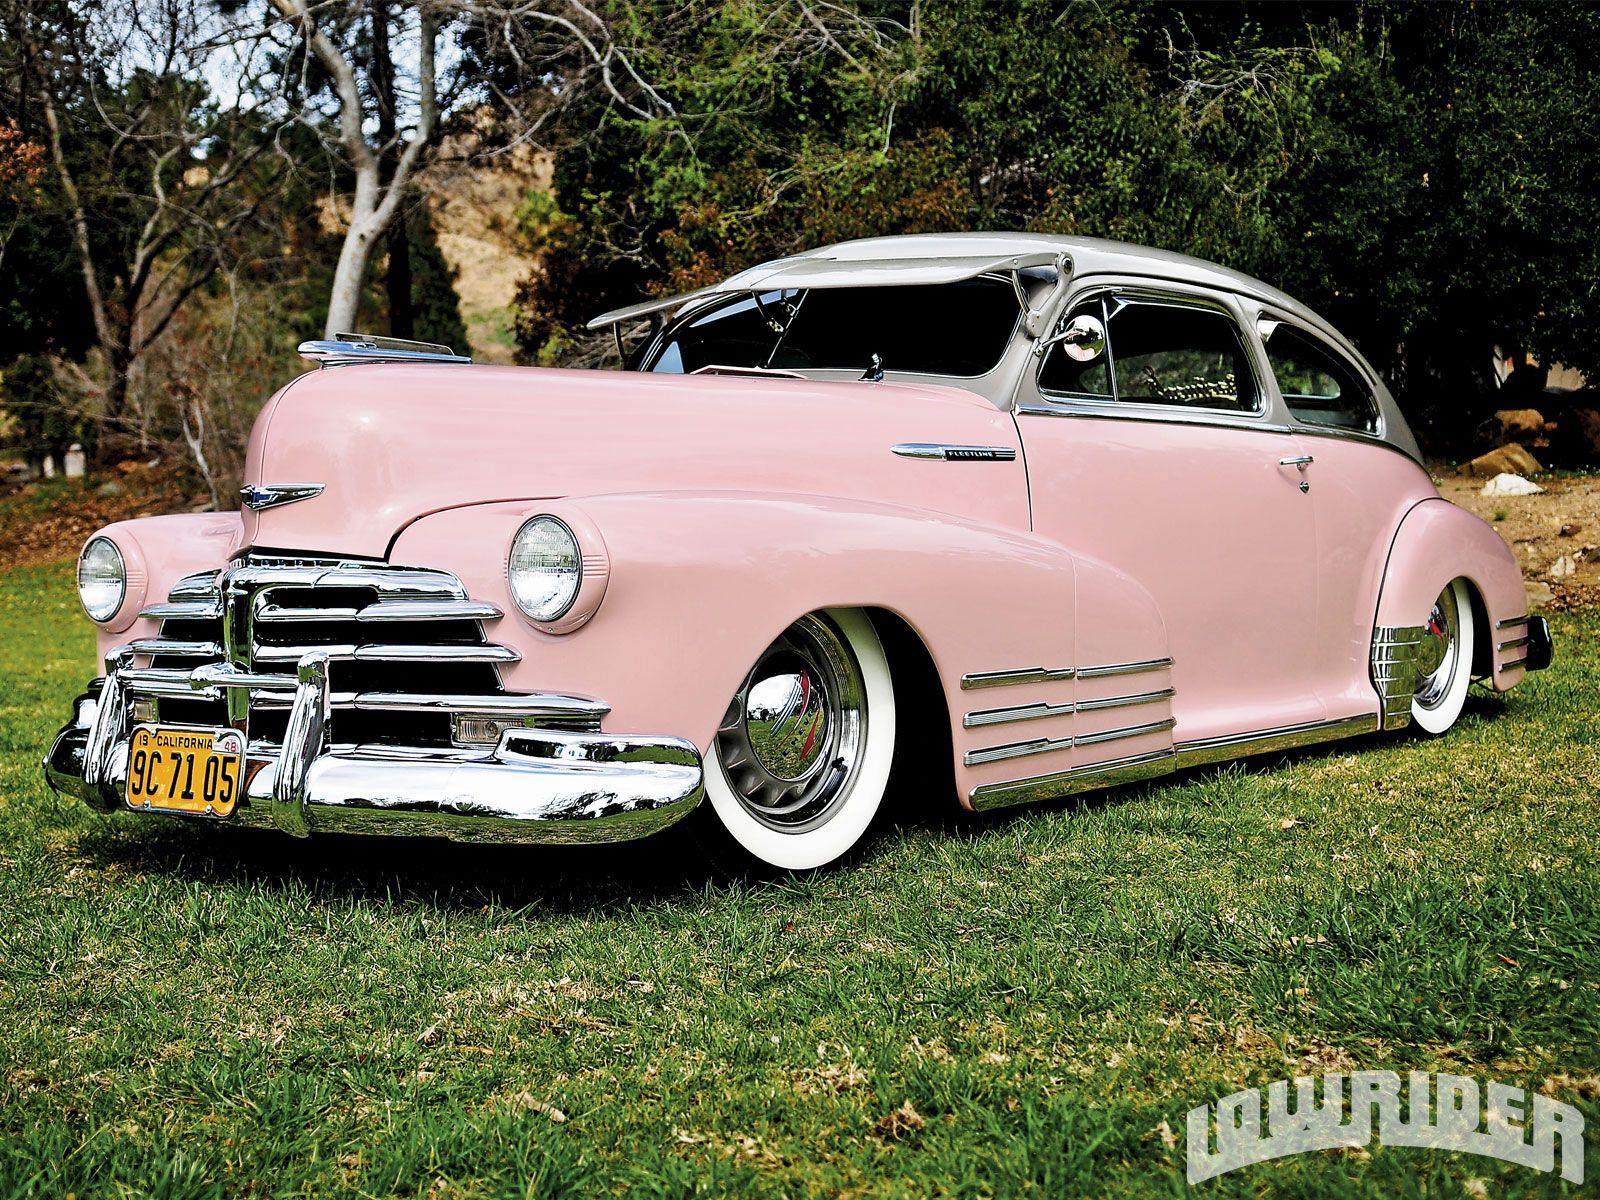 1948 Chevy Fleetline Best Car Evaaar This Is My Ultimate Dream